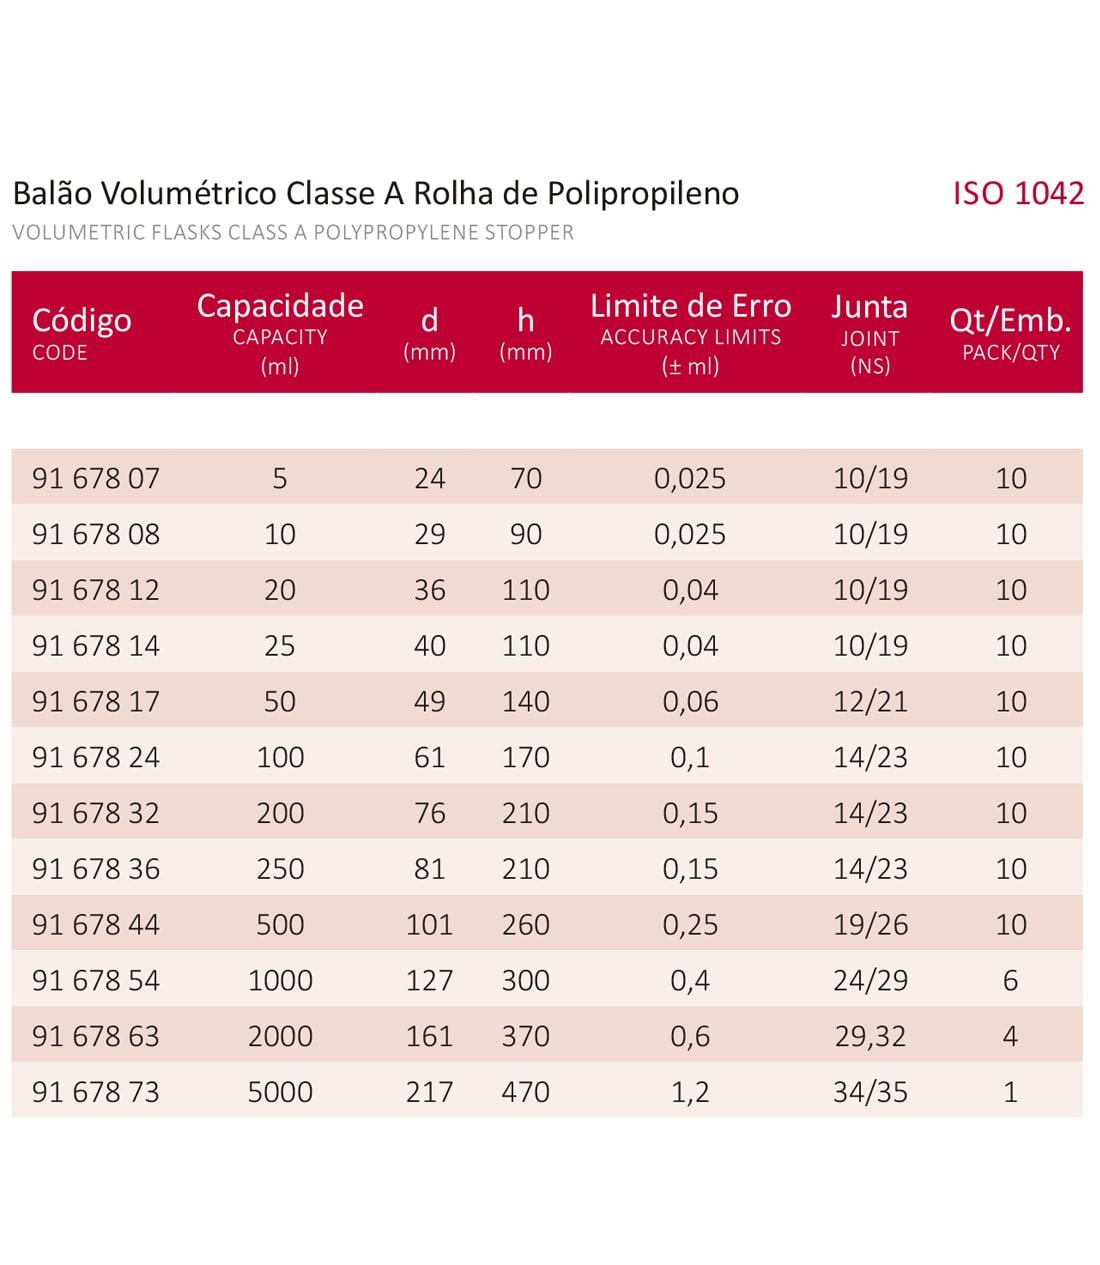 BALÃO VOLUMÉTRICO CLASSE A ROLHA POLI C/ CERTIFICADO RASTREÁVEL 900 ML - Marca Laborglas - Cód. 9167853-C